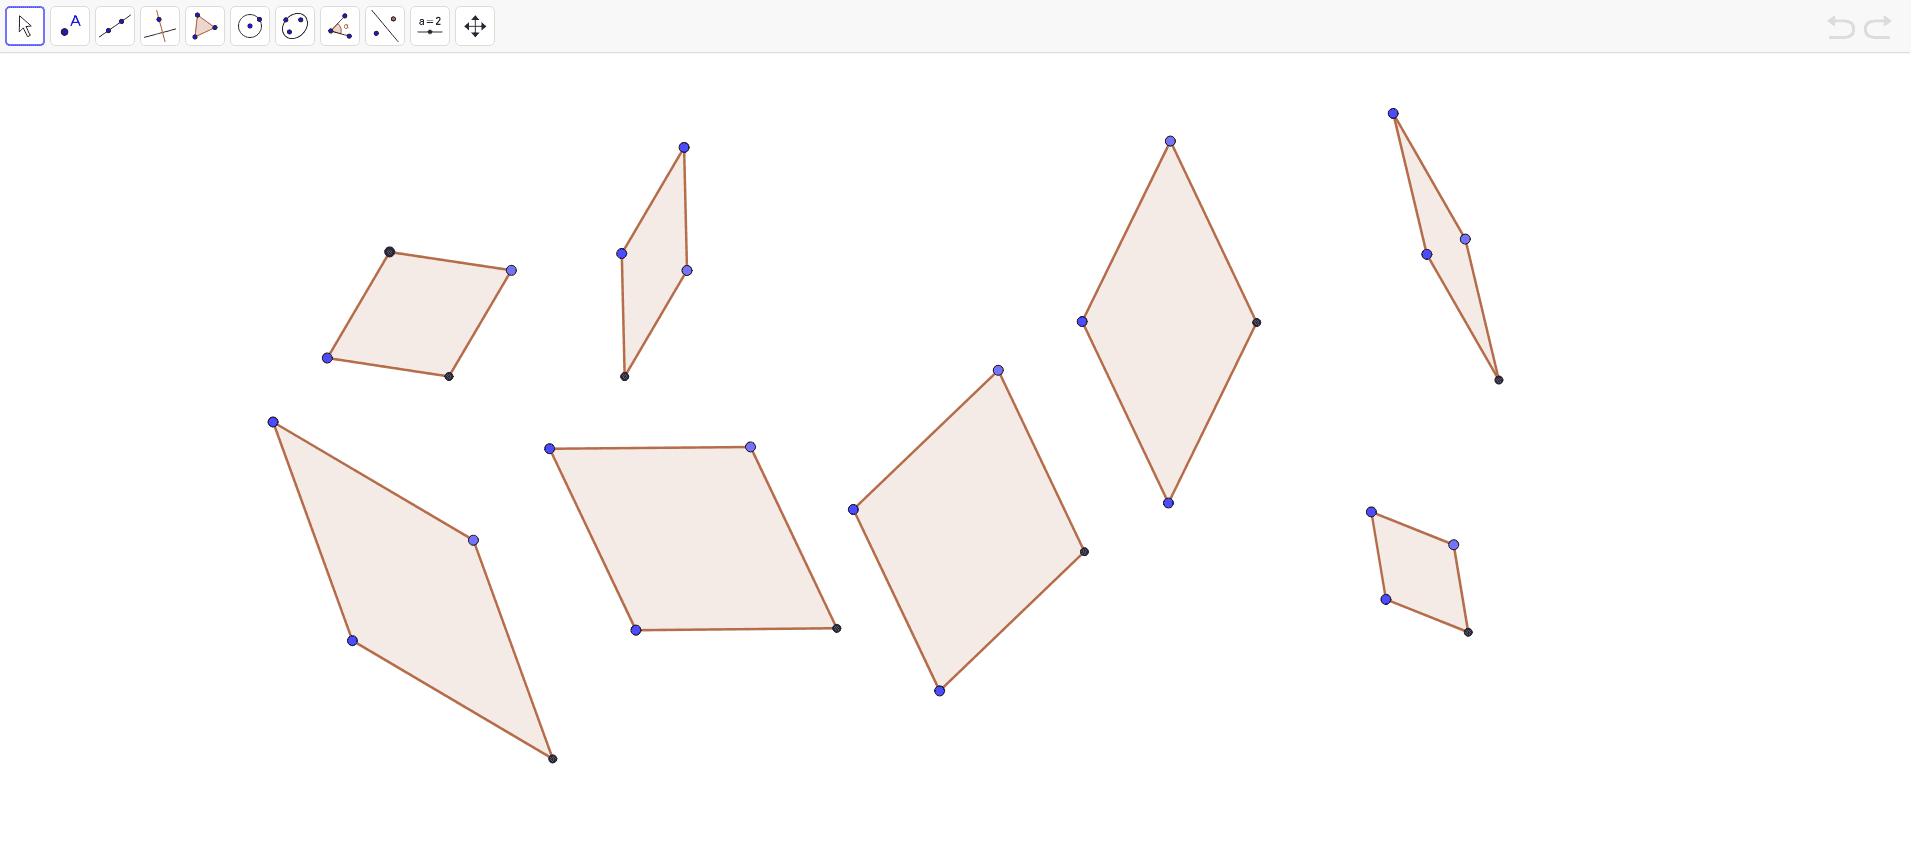 En la ventana gráfica puedes ver construidos y dibujados varios rombos. Puedes moverlos y dinamizarlos.  Presiona Intro para comenzar la actividad